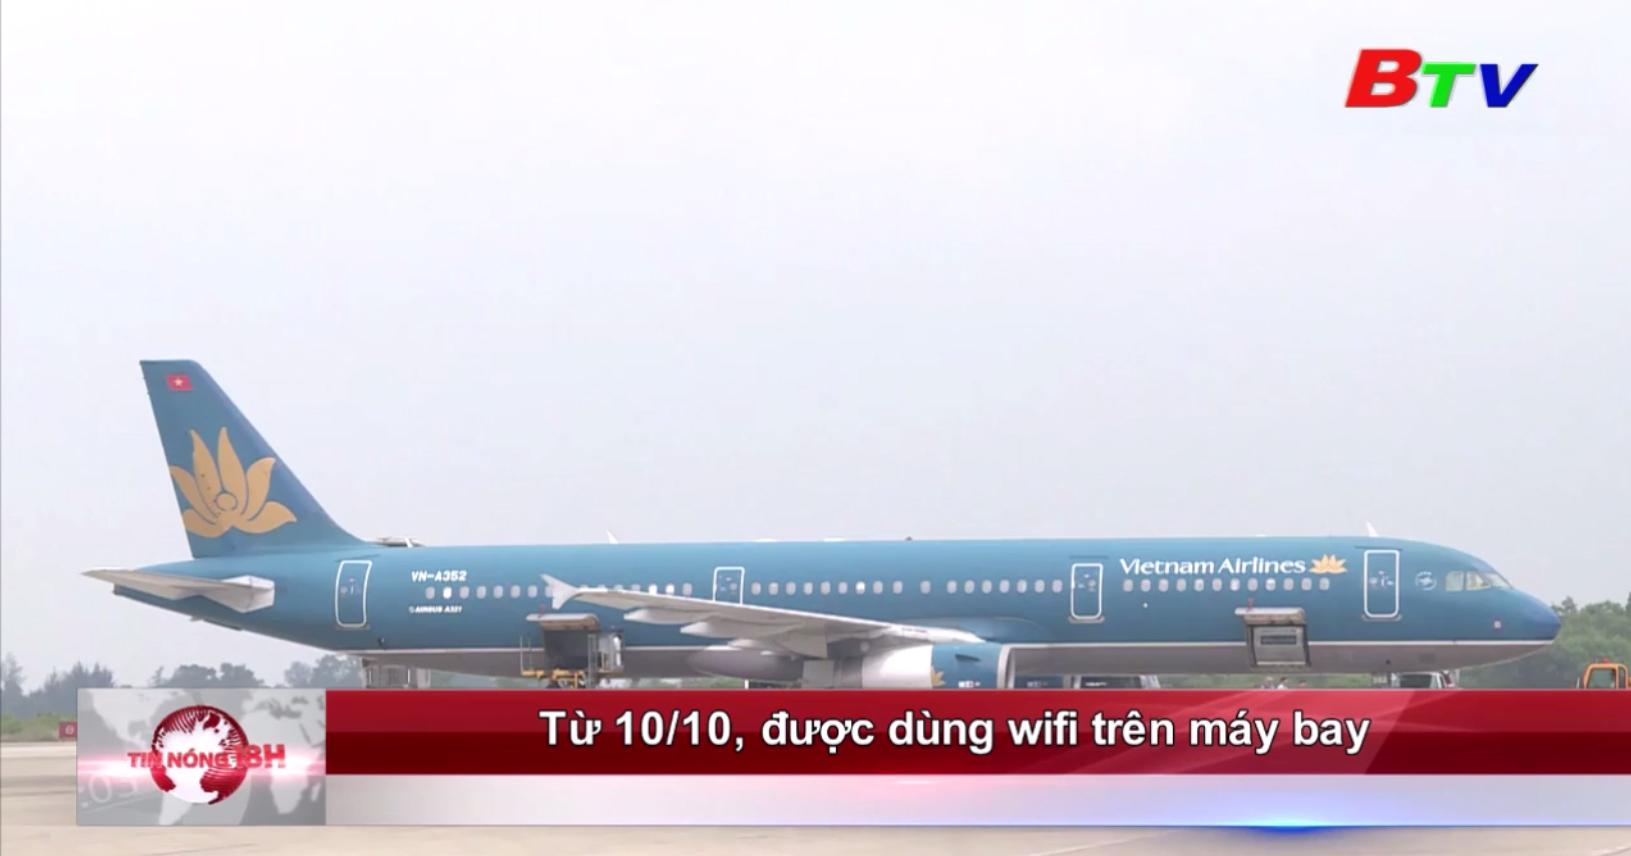 Từ 10/10, được dùng wifi trên máy bay